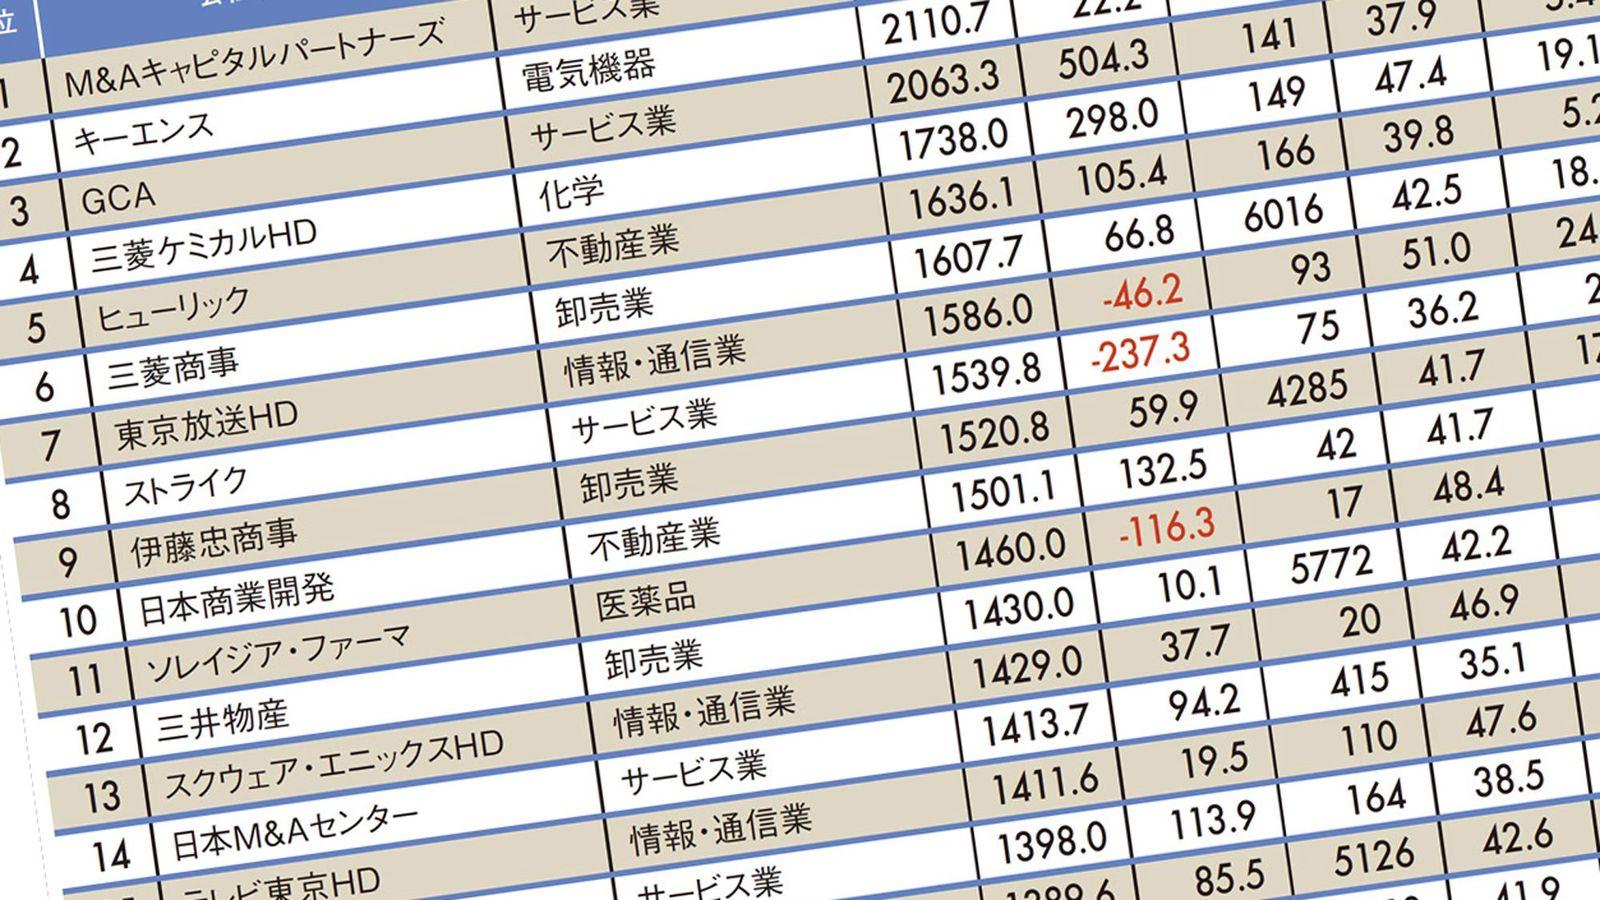 """平均年収が高い""""トップ500社""""ランキング2019 1位は516万円減で平均年収2478万円"""